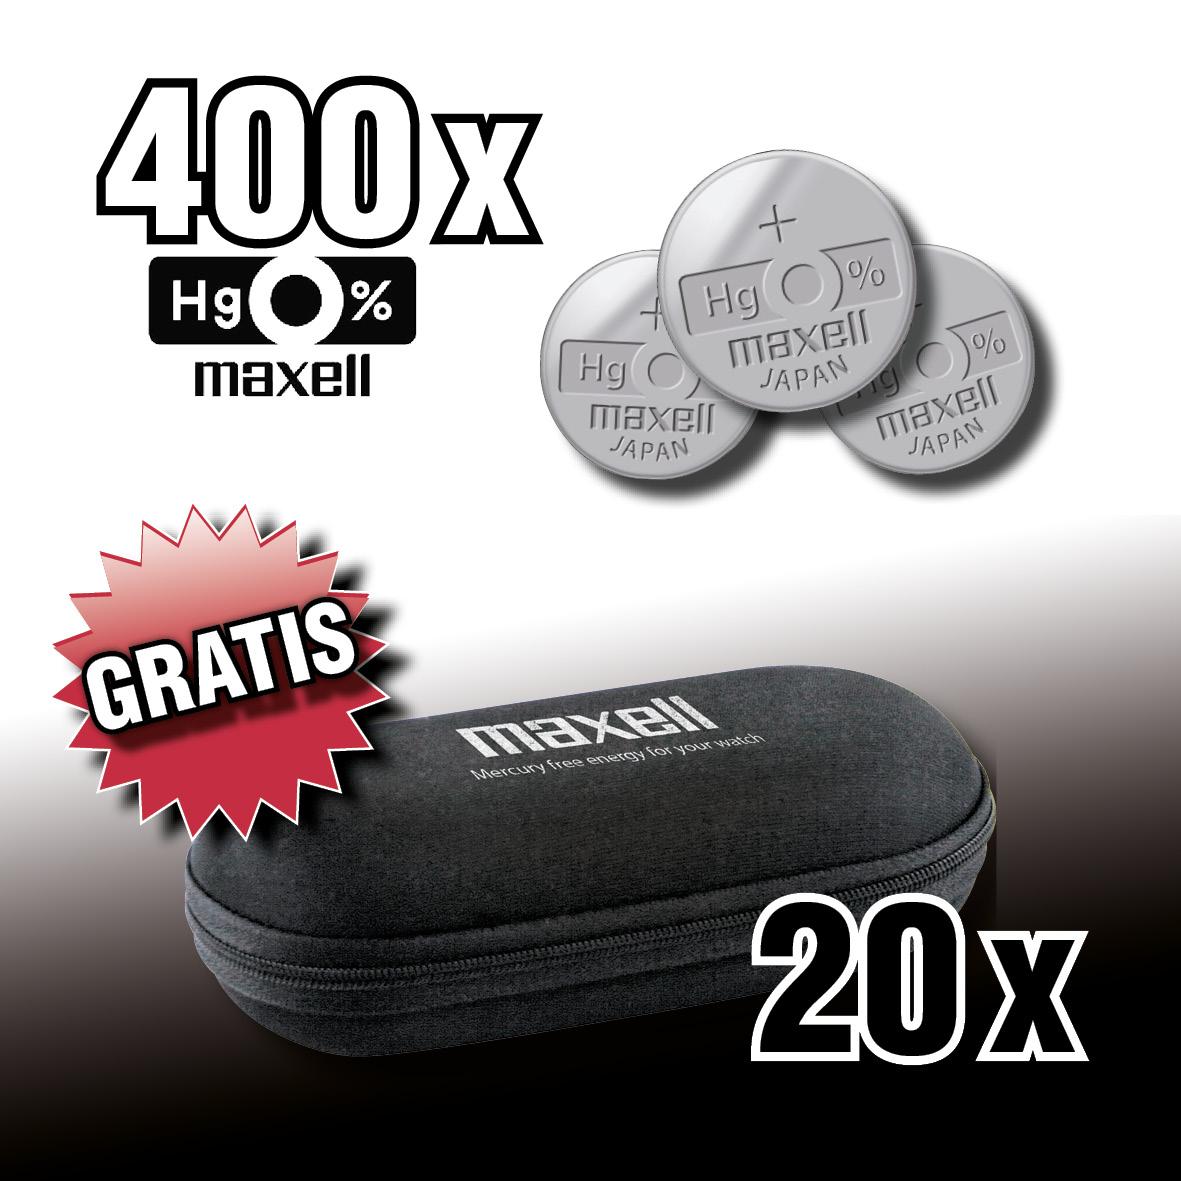 Maxell topseller-pakket